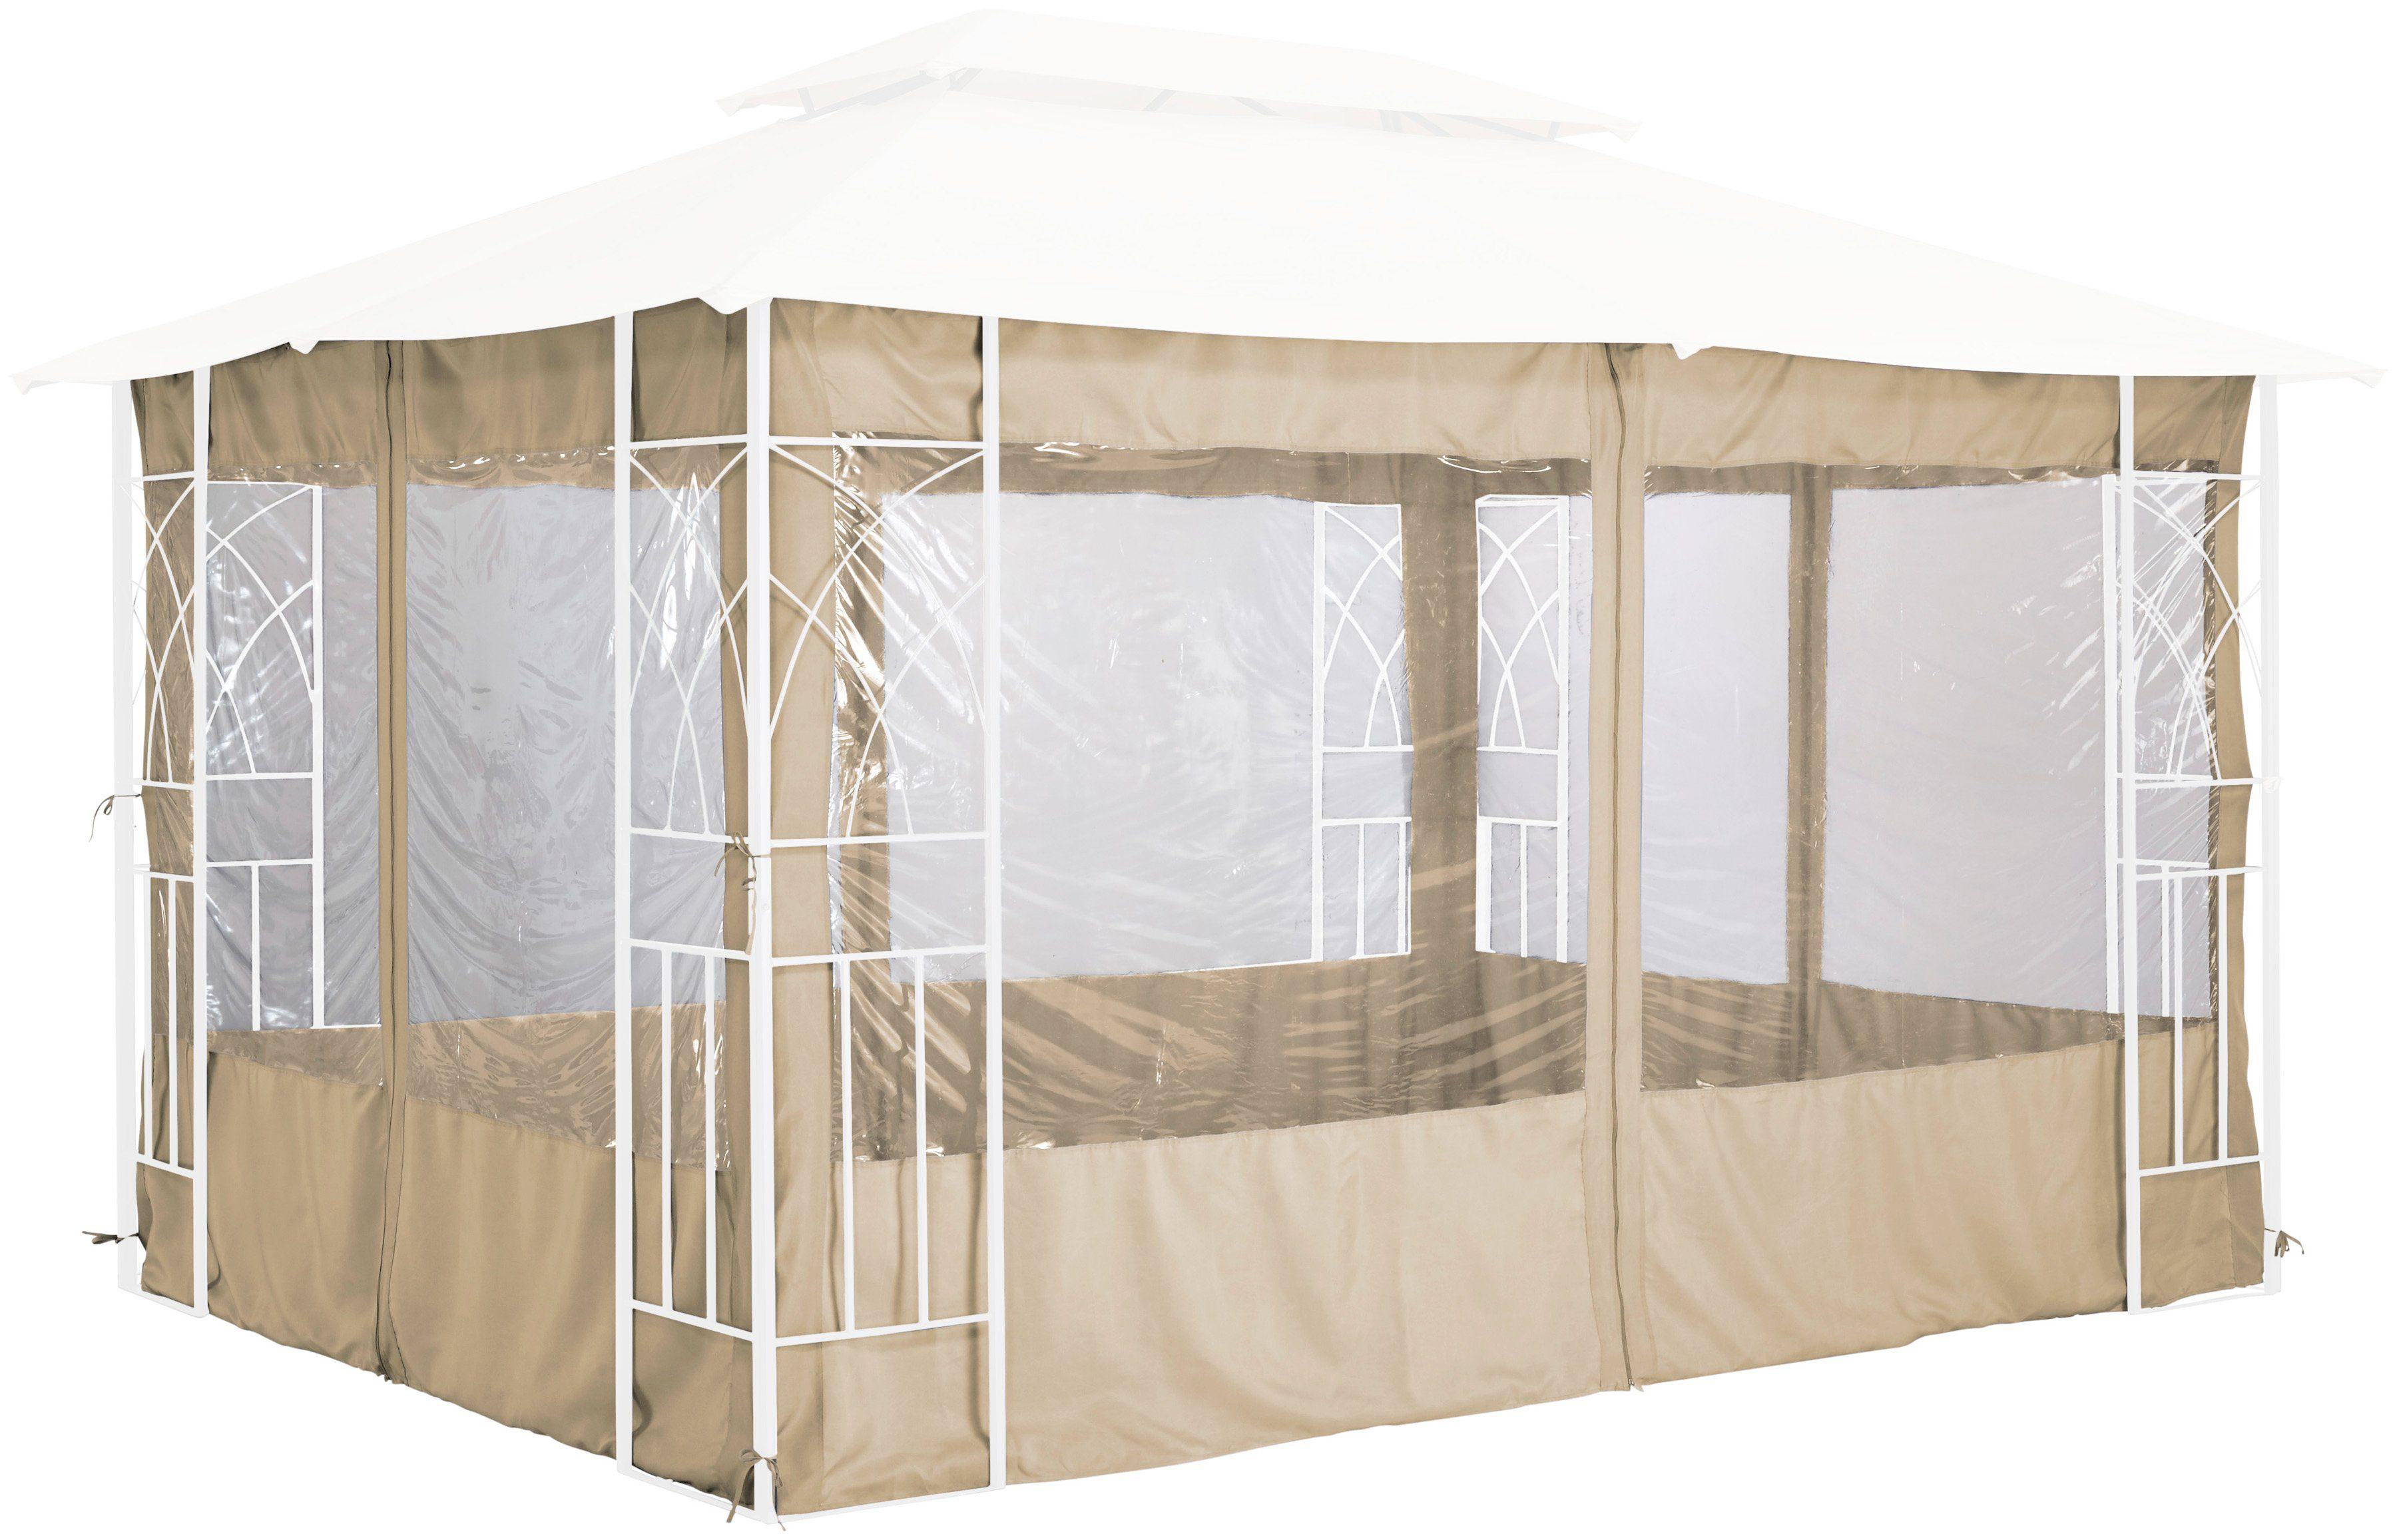 Interessant Pavillons online kaufen » in 3x3, 3x4, 3x6, 4x4 & rund | OTTO SO68